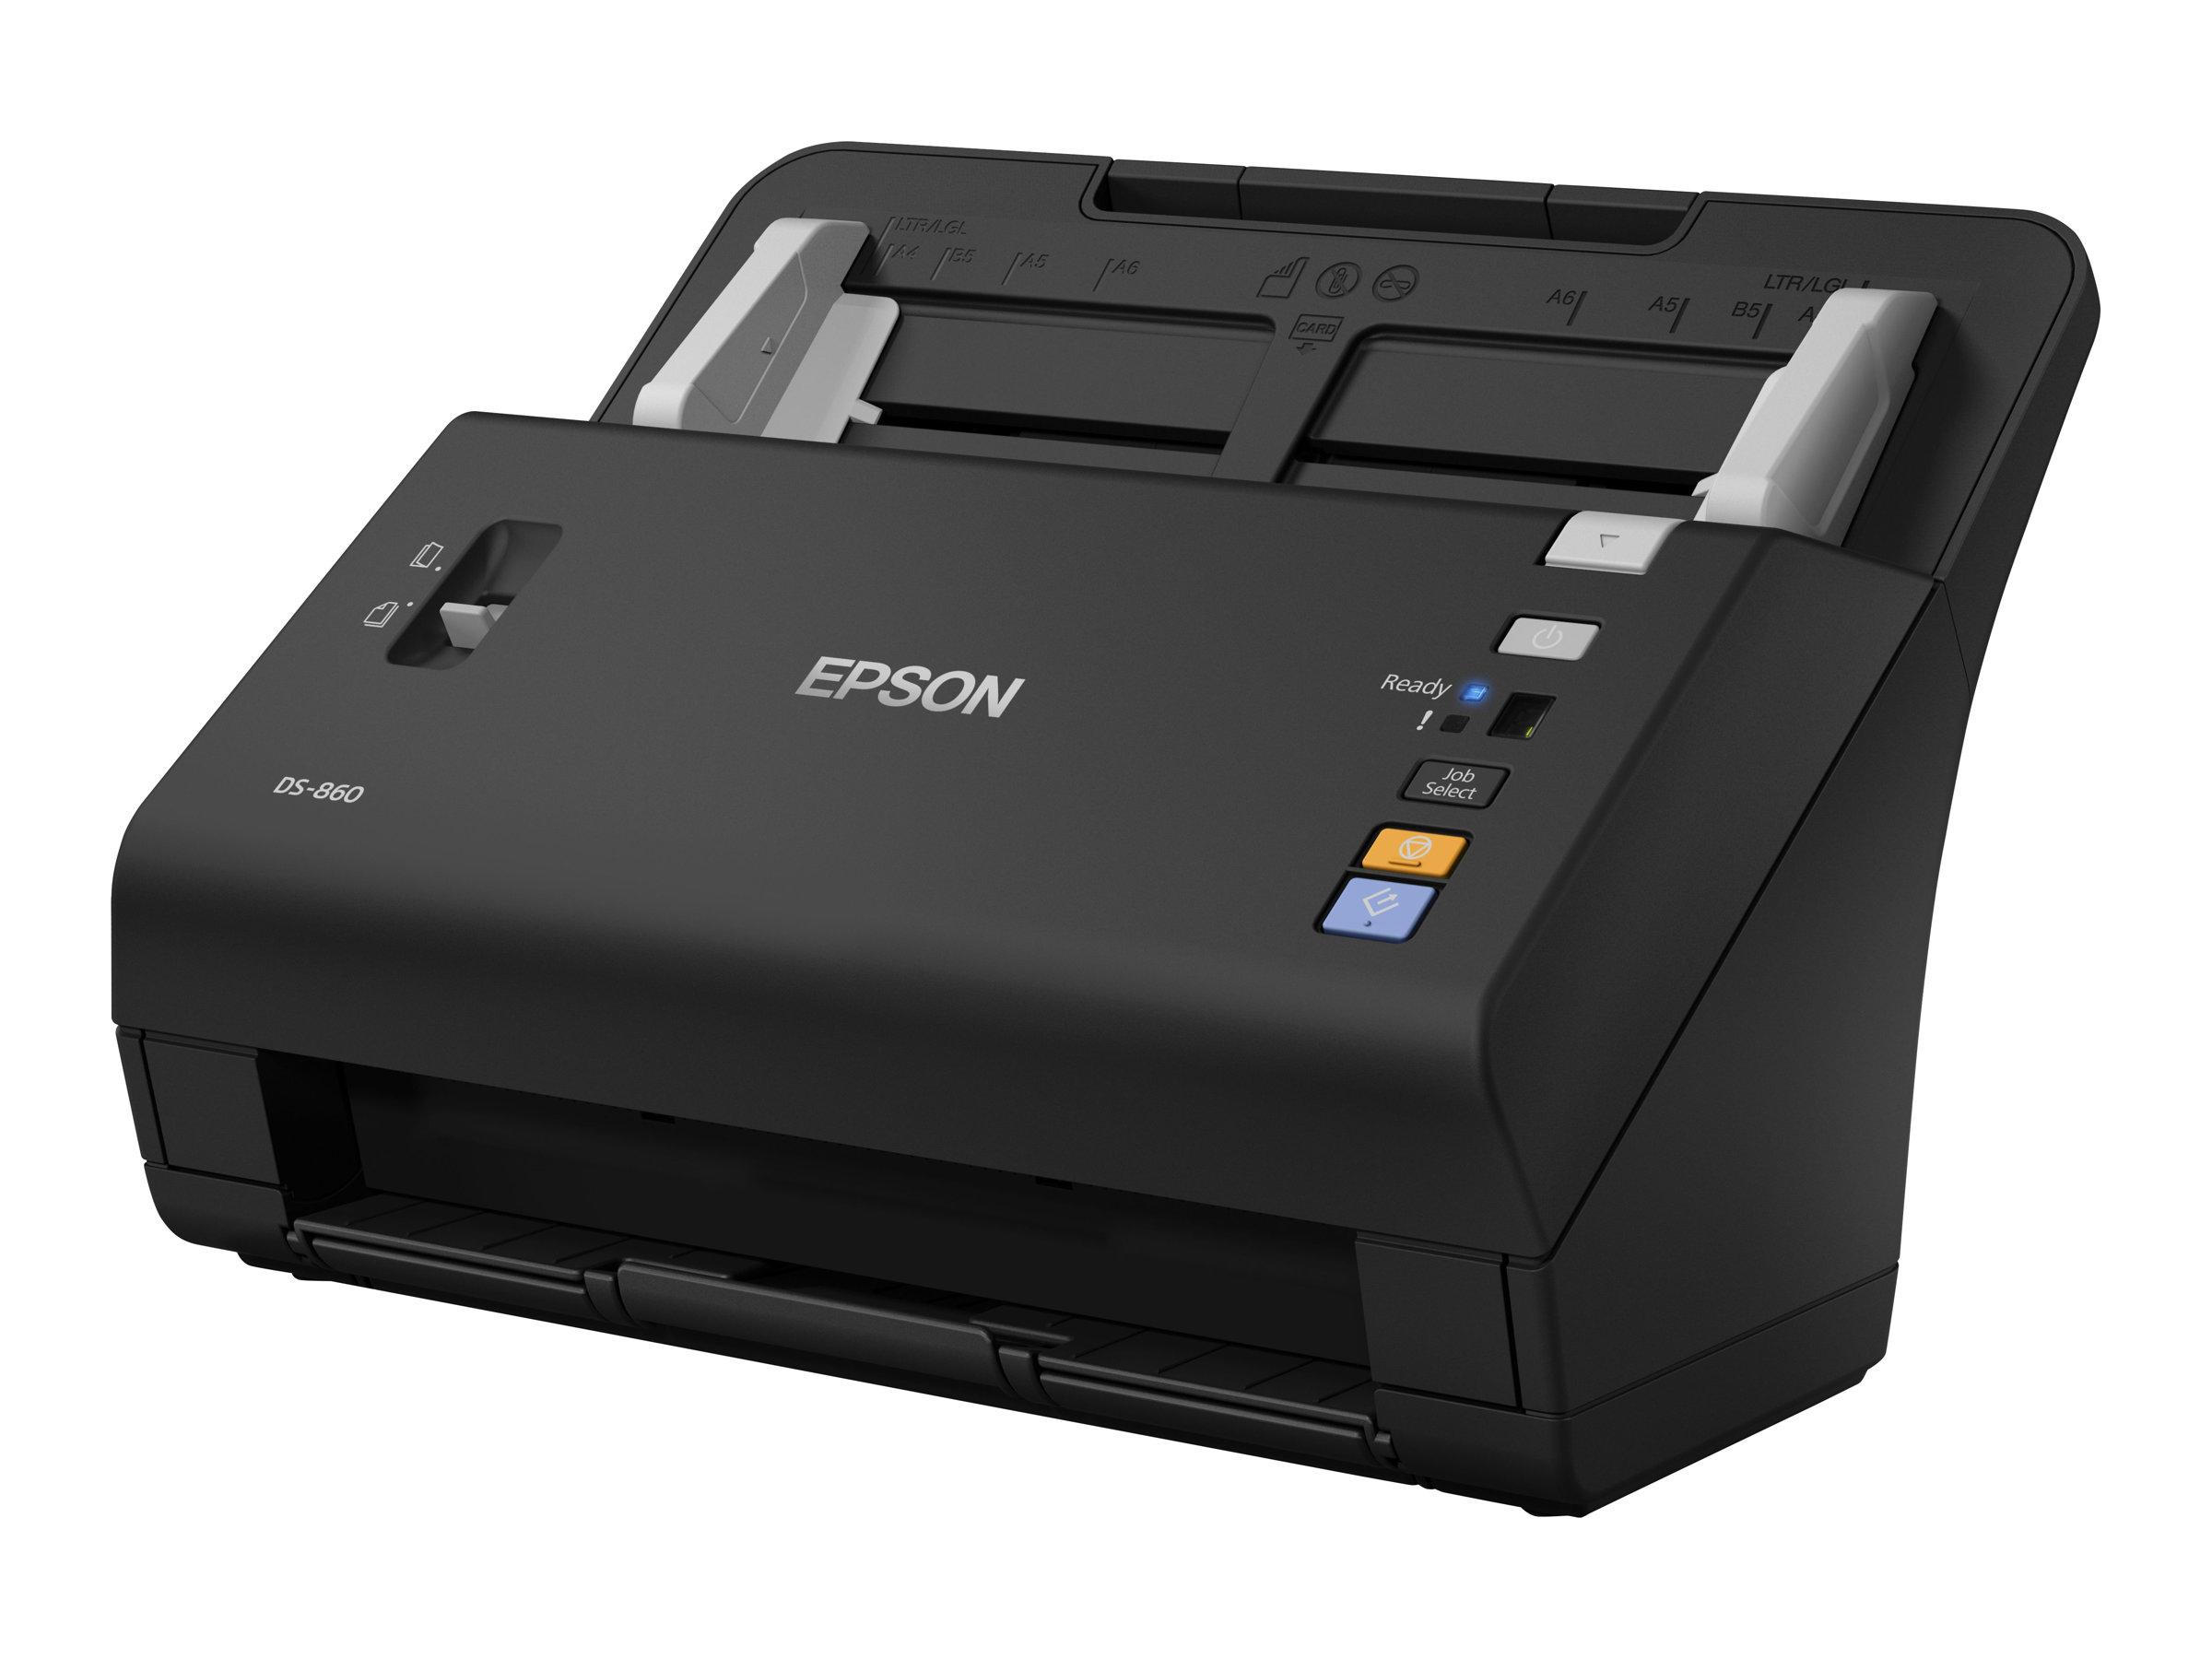 Epson WorkForce DS-860N - Dokumentenscanner - Duplex - A4 - 600 dpi x 600 dpi - bis zu 65 Seiten/Min. (einfarbig)